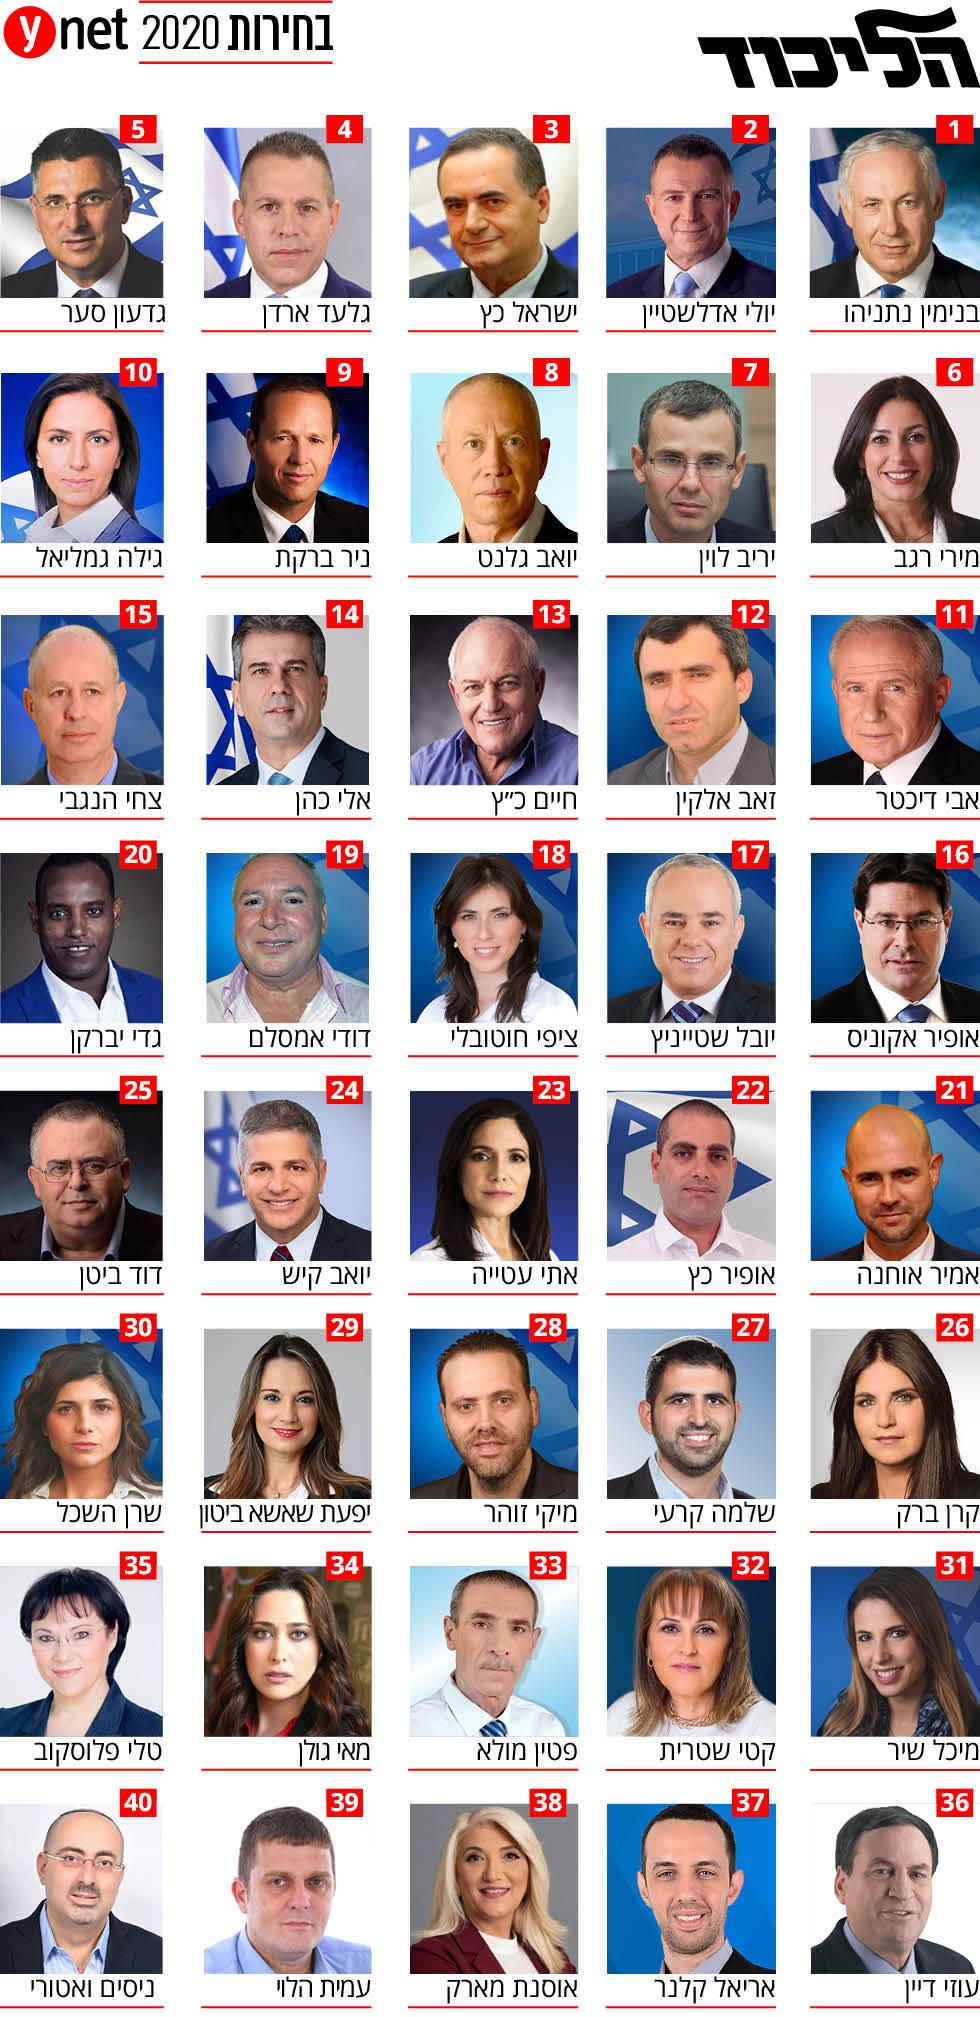 הליכוד  אינפו בחירות 2020 כנסת הכנסת רשימה רשימת ()